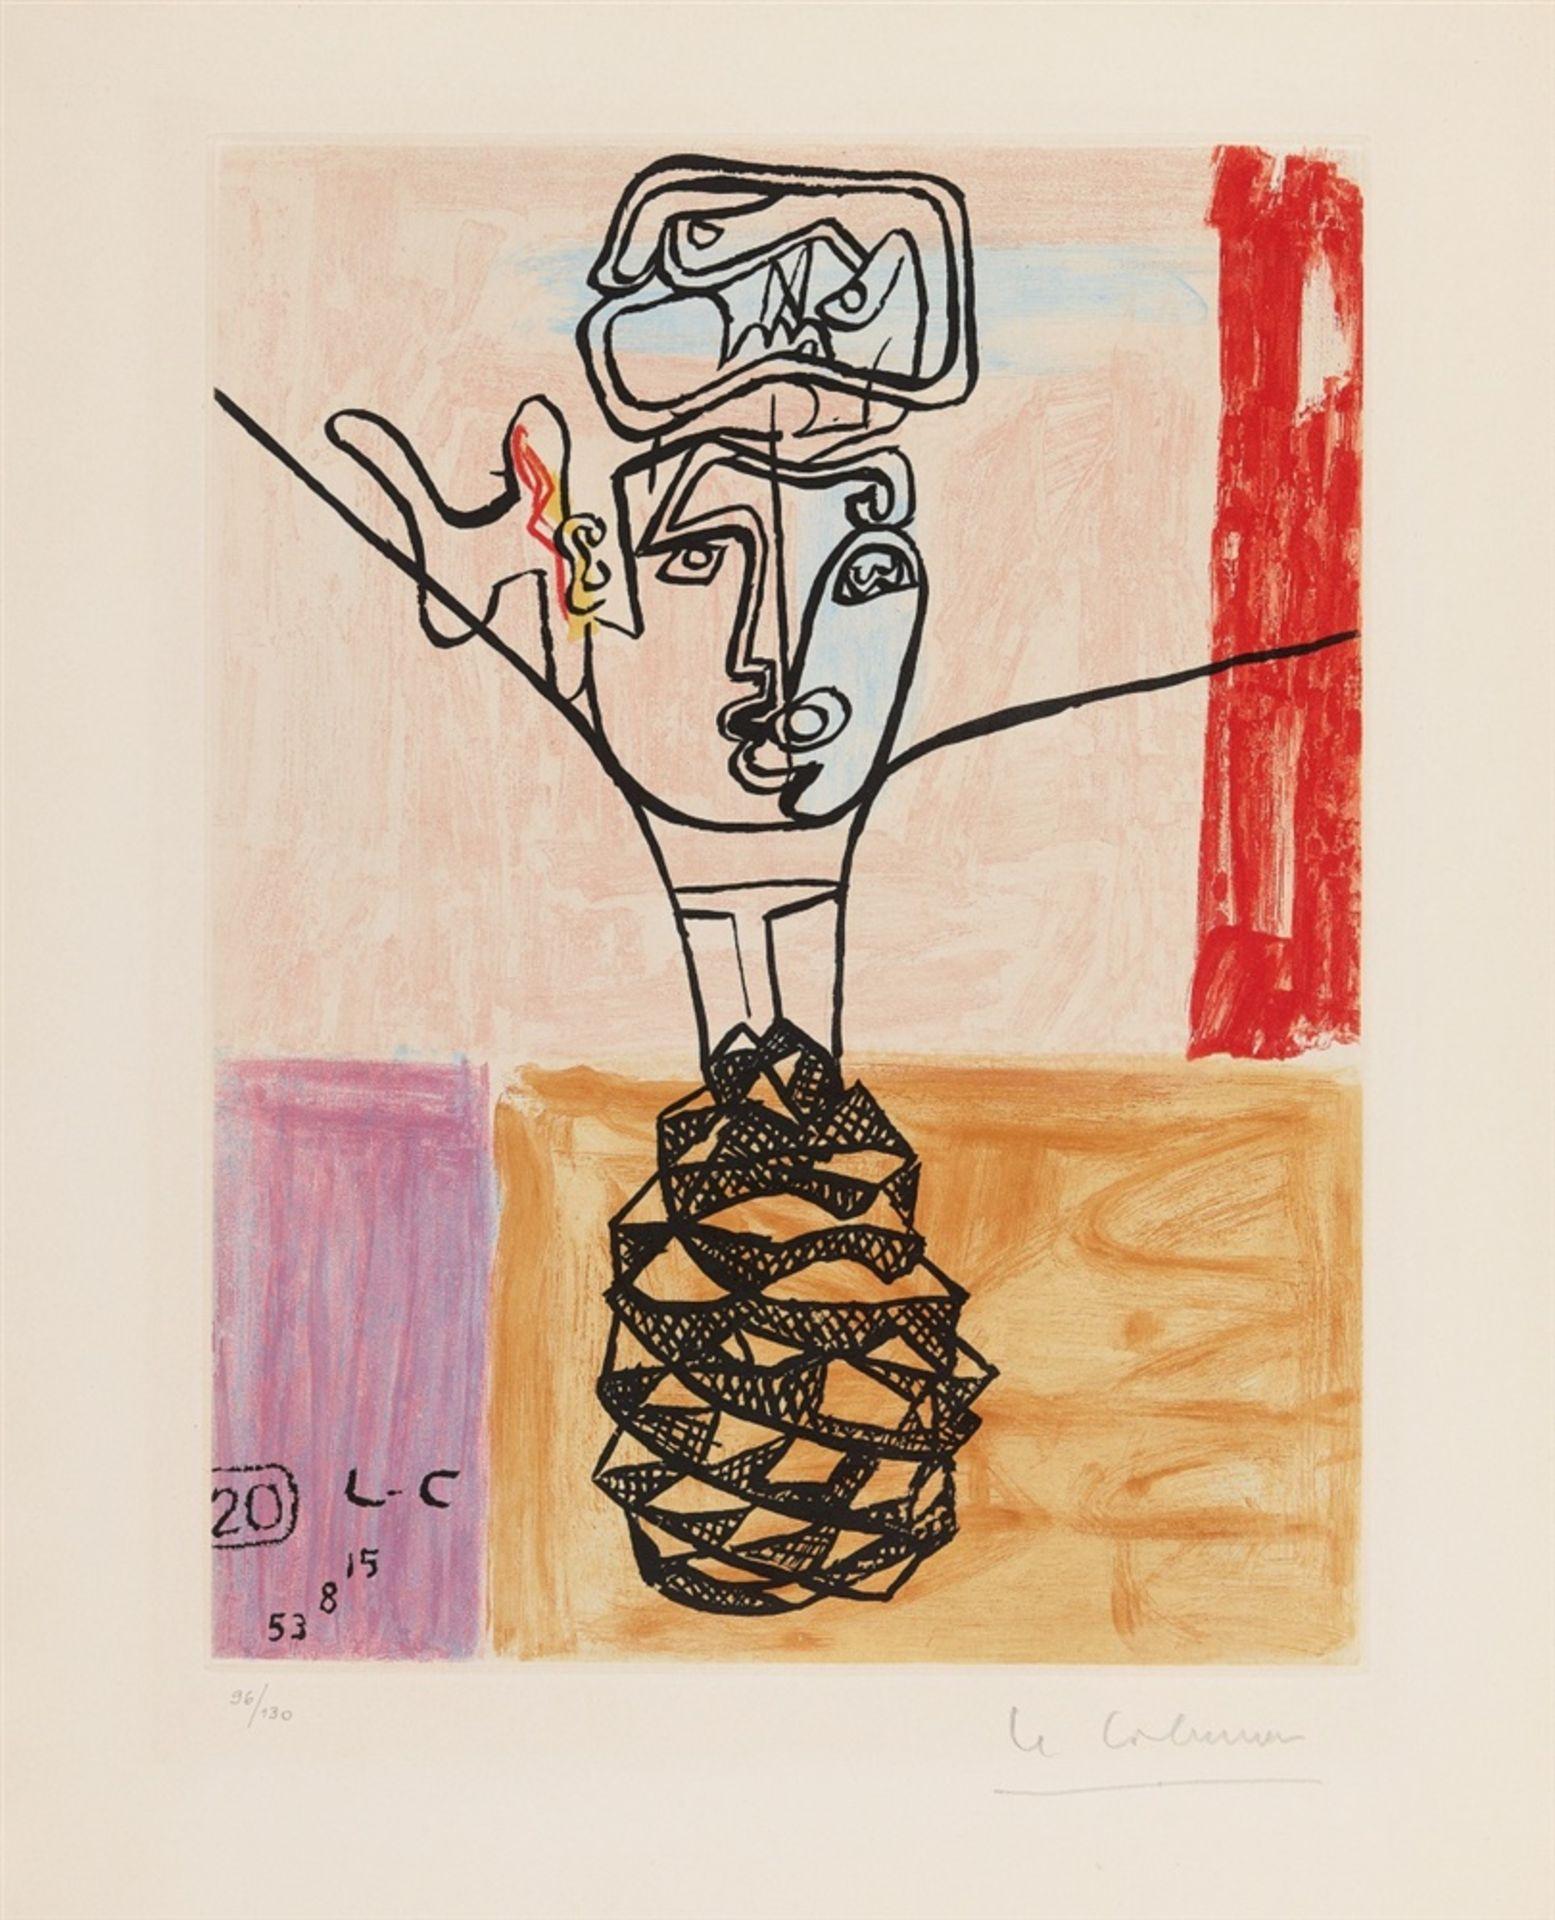 Le Corbusier (Charles-Édouard Jeanneret)Unité - Bild 20 aus 27